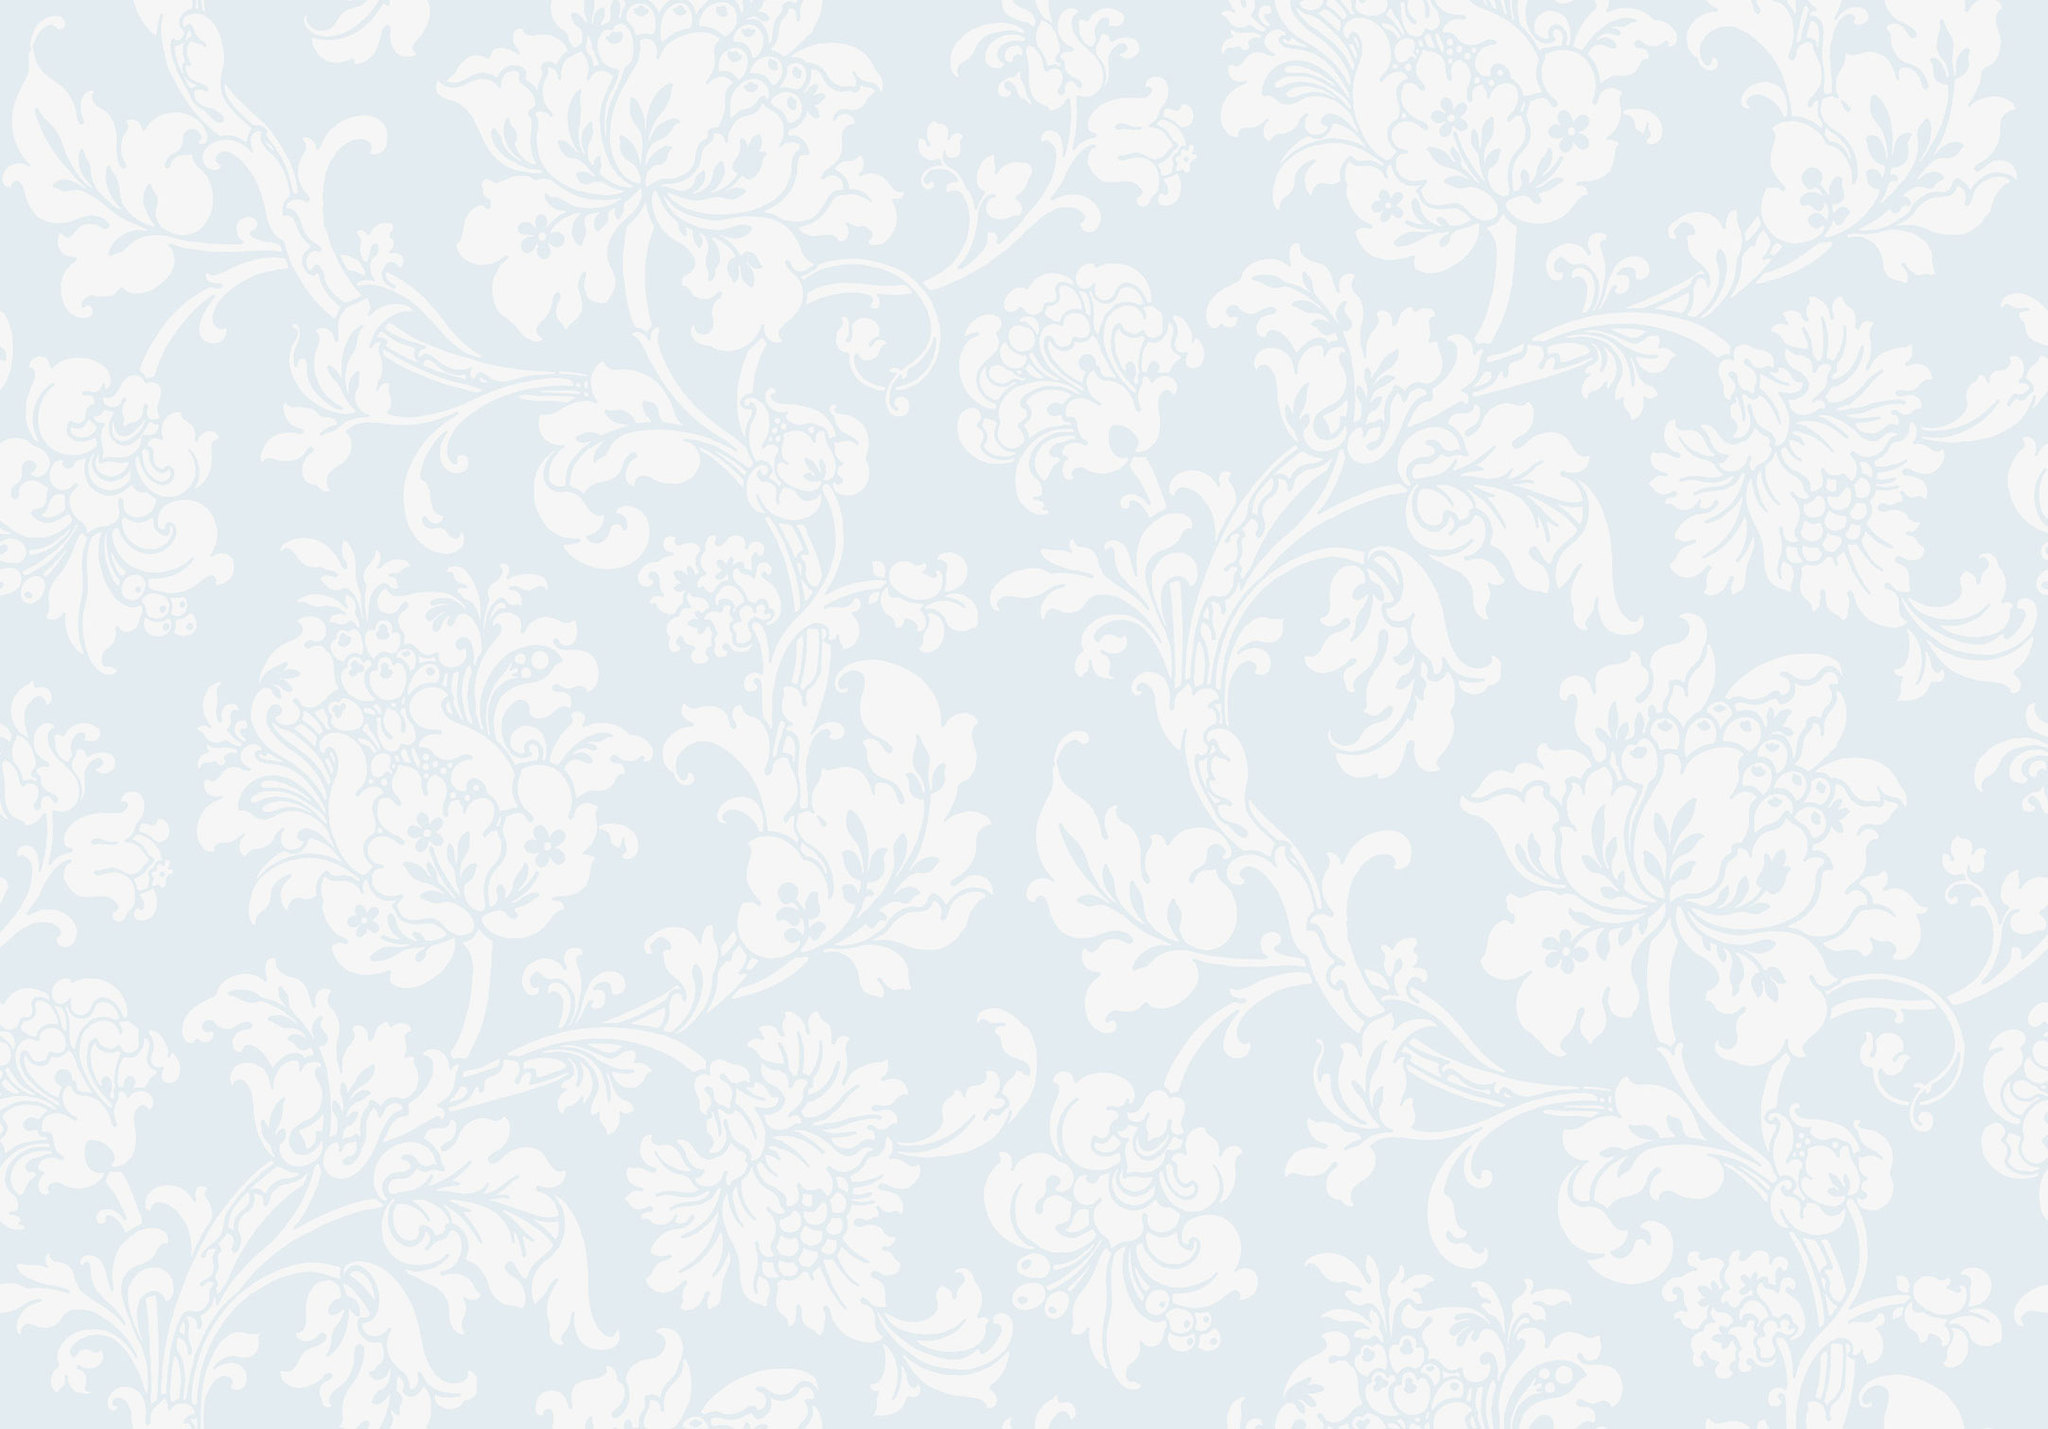 Обои Cole & Son Collection of Flowers 81/10041, интернет магазин Волео